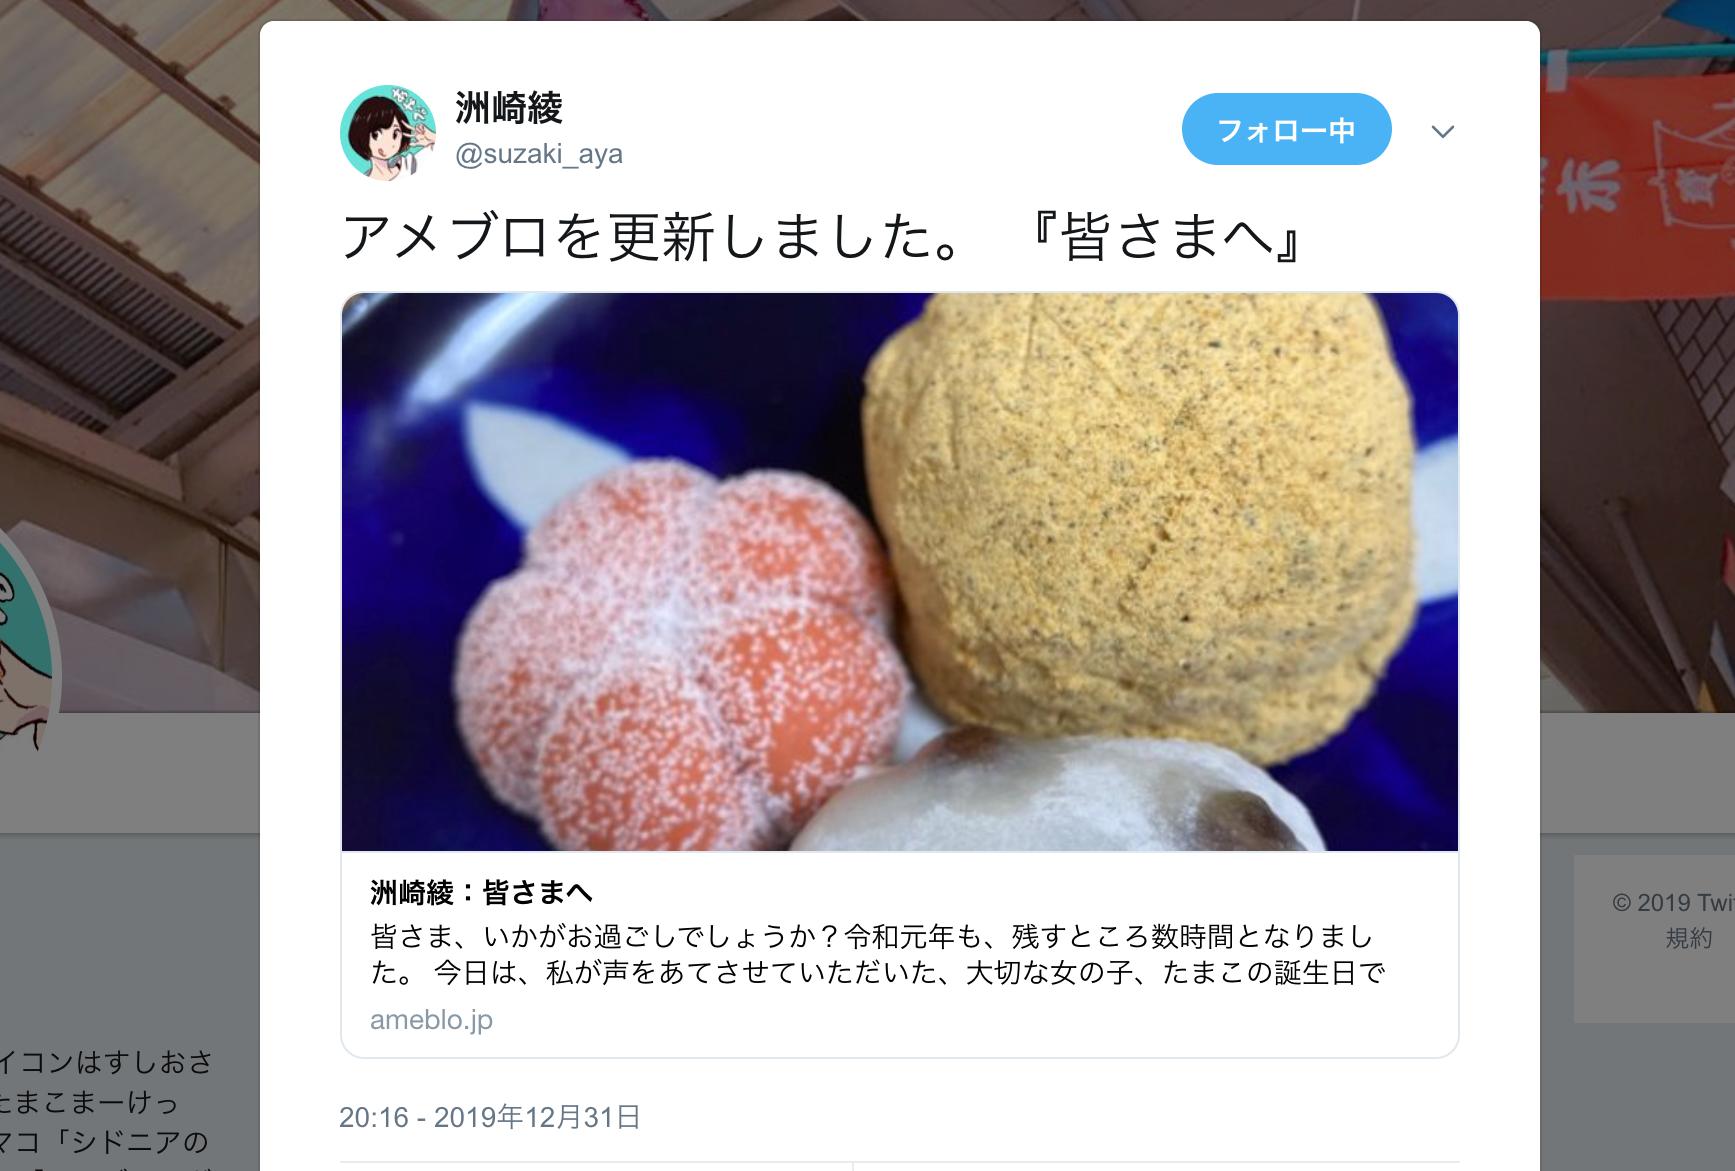 声優の洲崎綾が構成作家の伊福部崇とご結婚